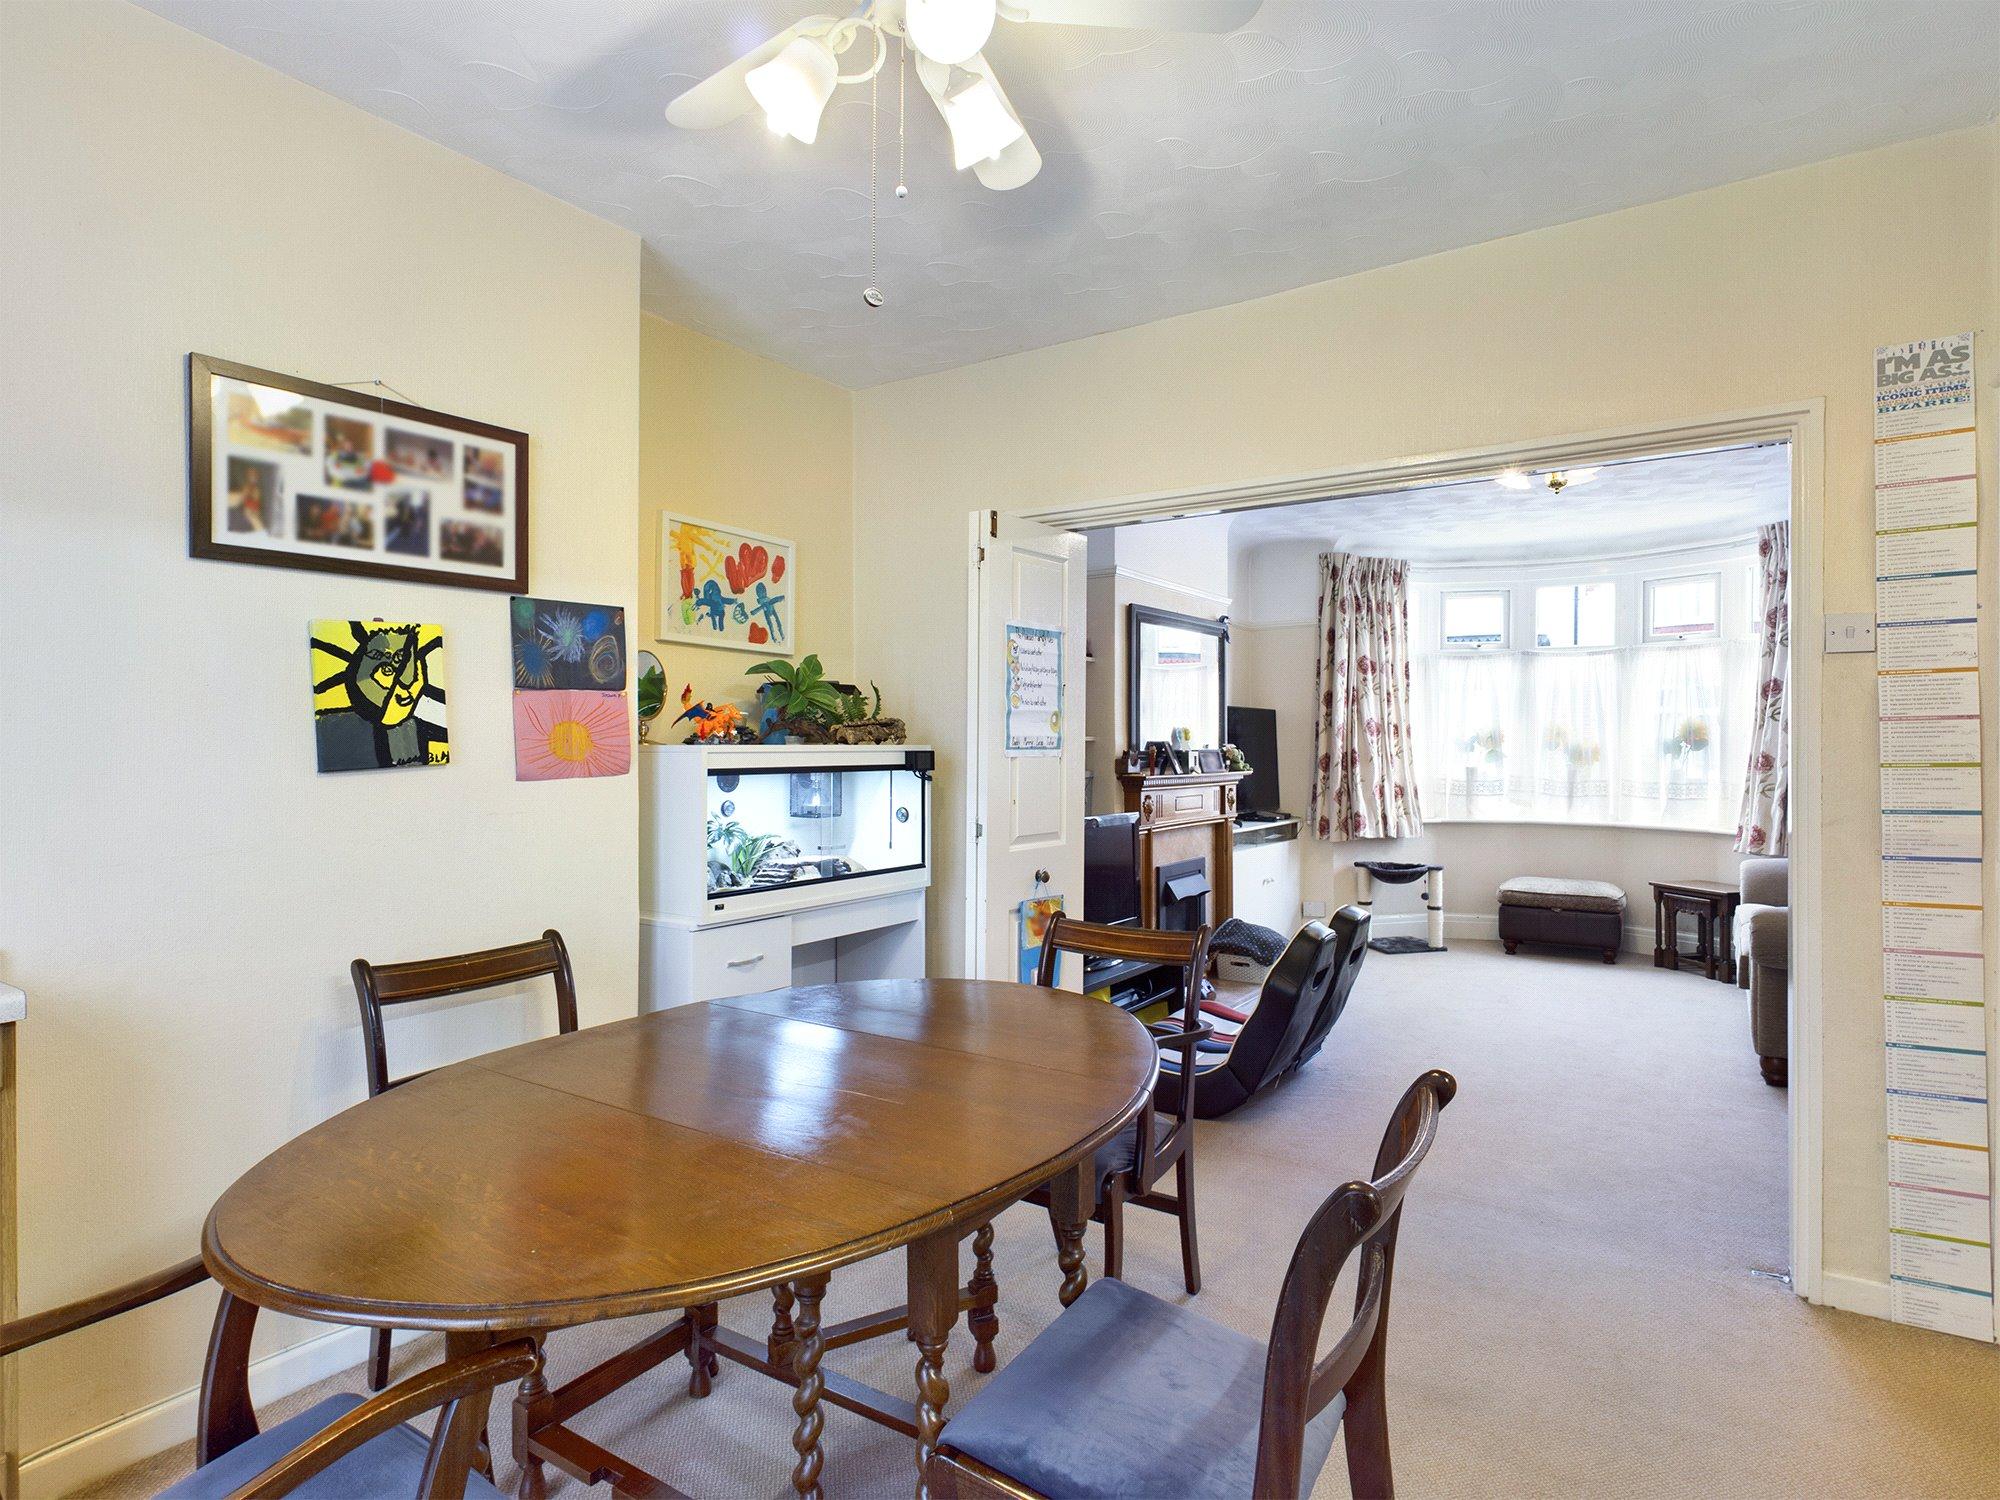 38 Wallisdean Avenue Image